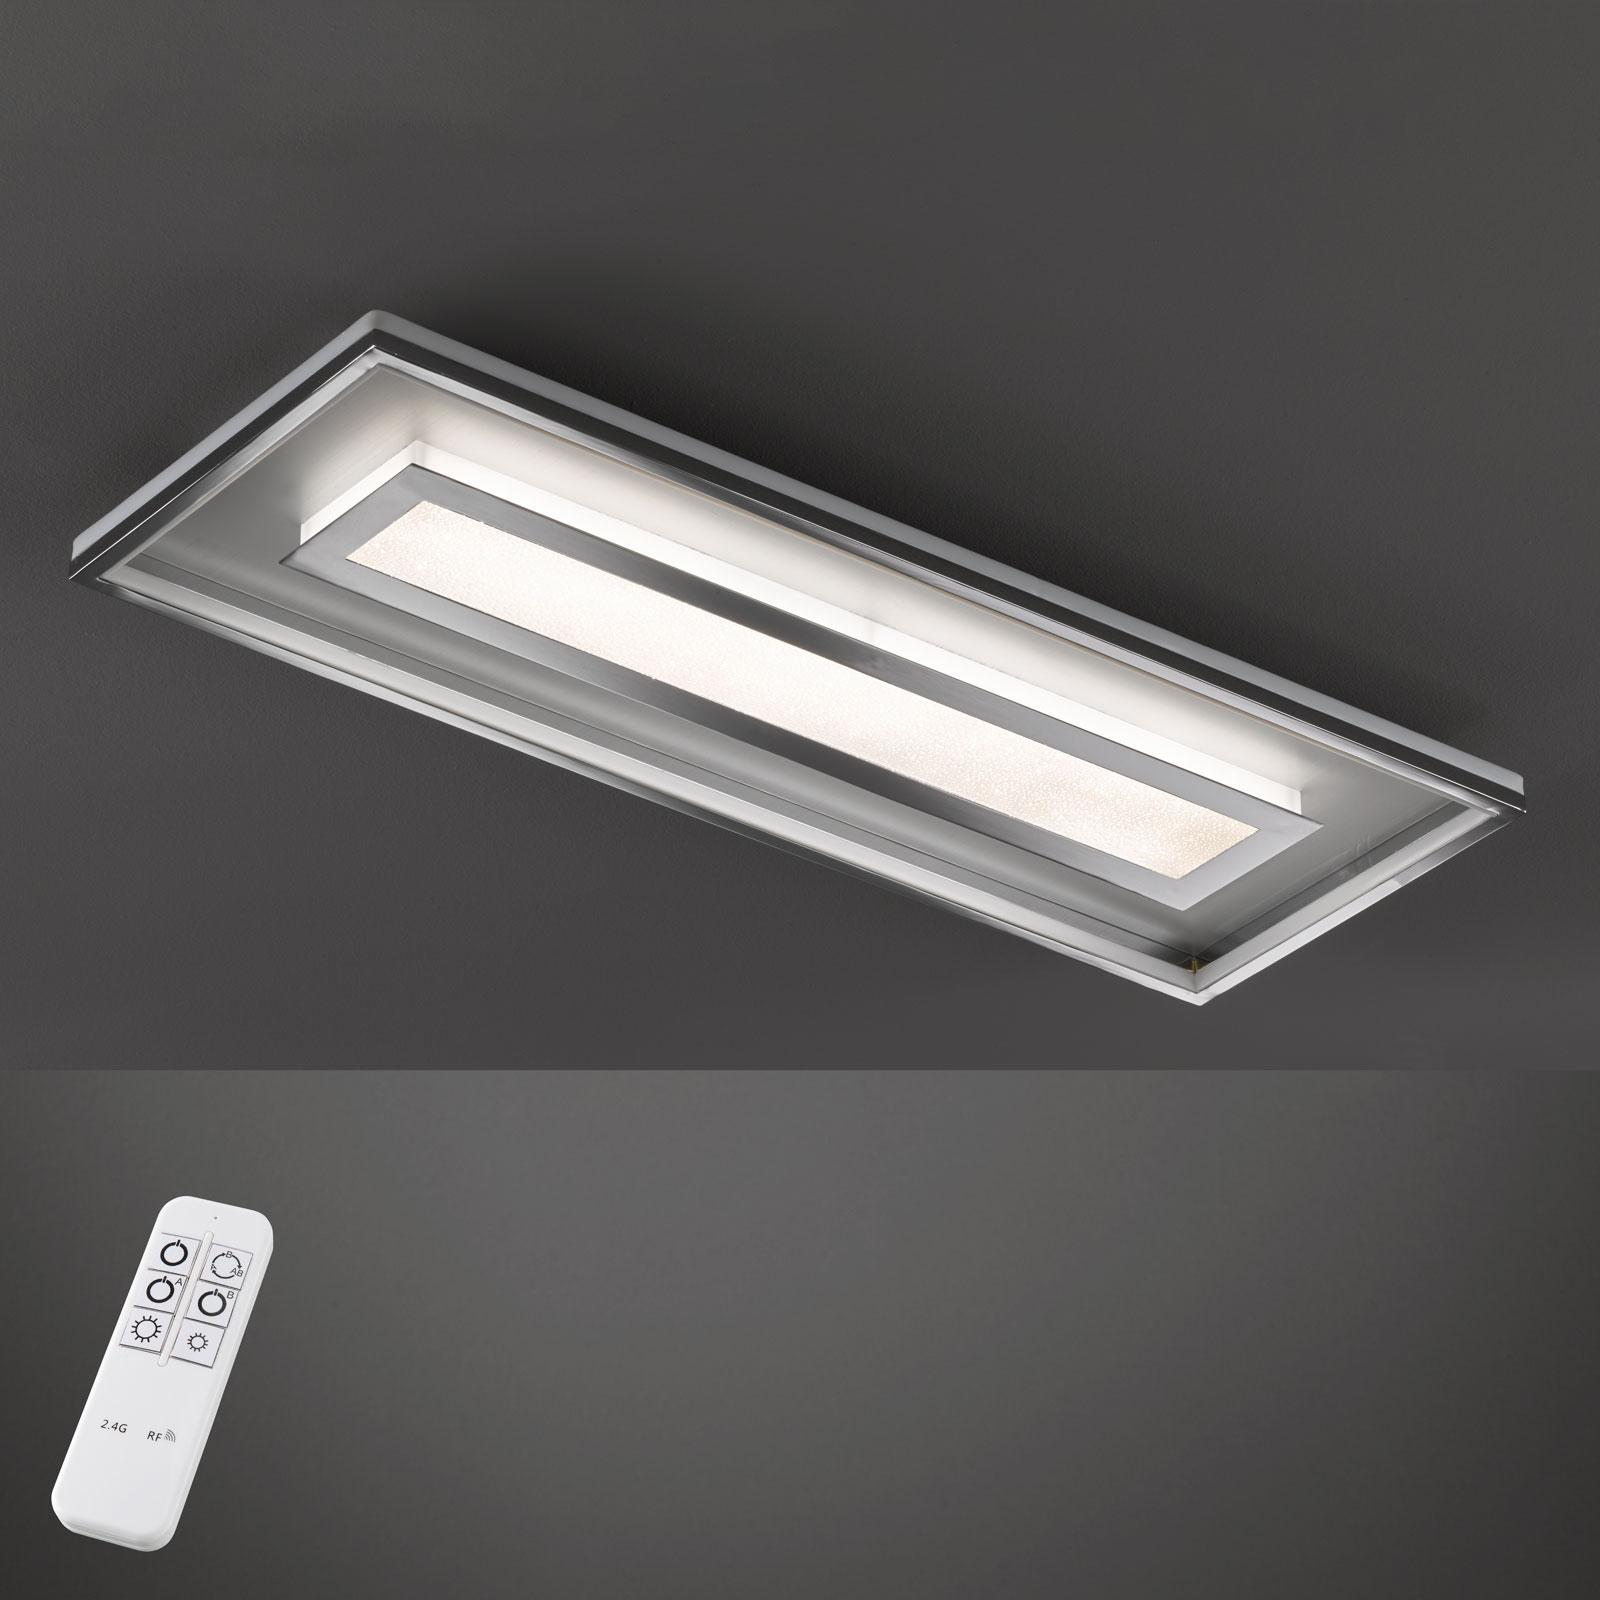 Plafonnier LED Bug rectangulaire 120x40cm, chromé